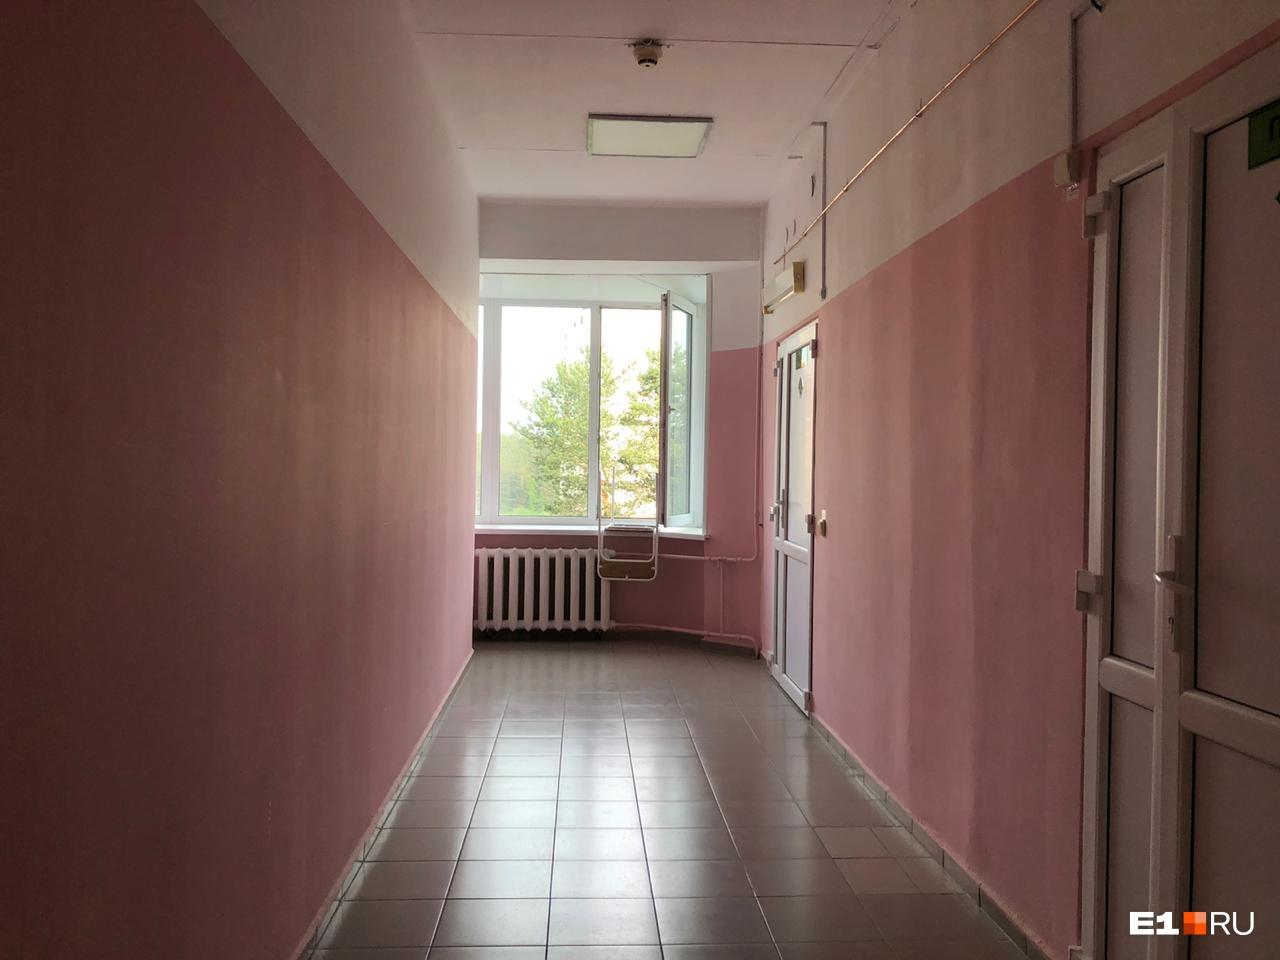 По словам пациентов, в госпитале все очень чисто